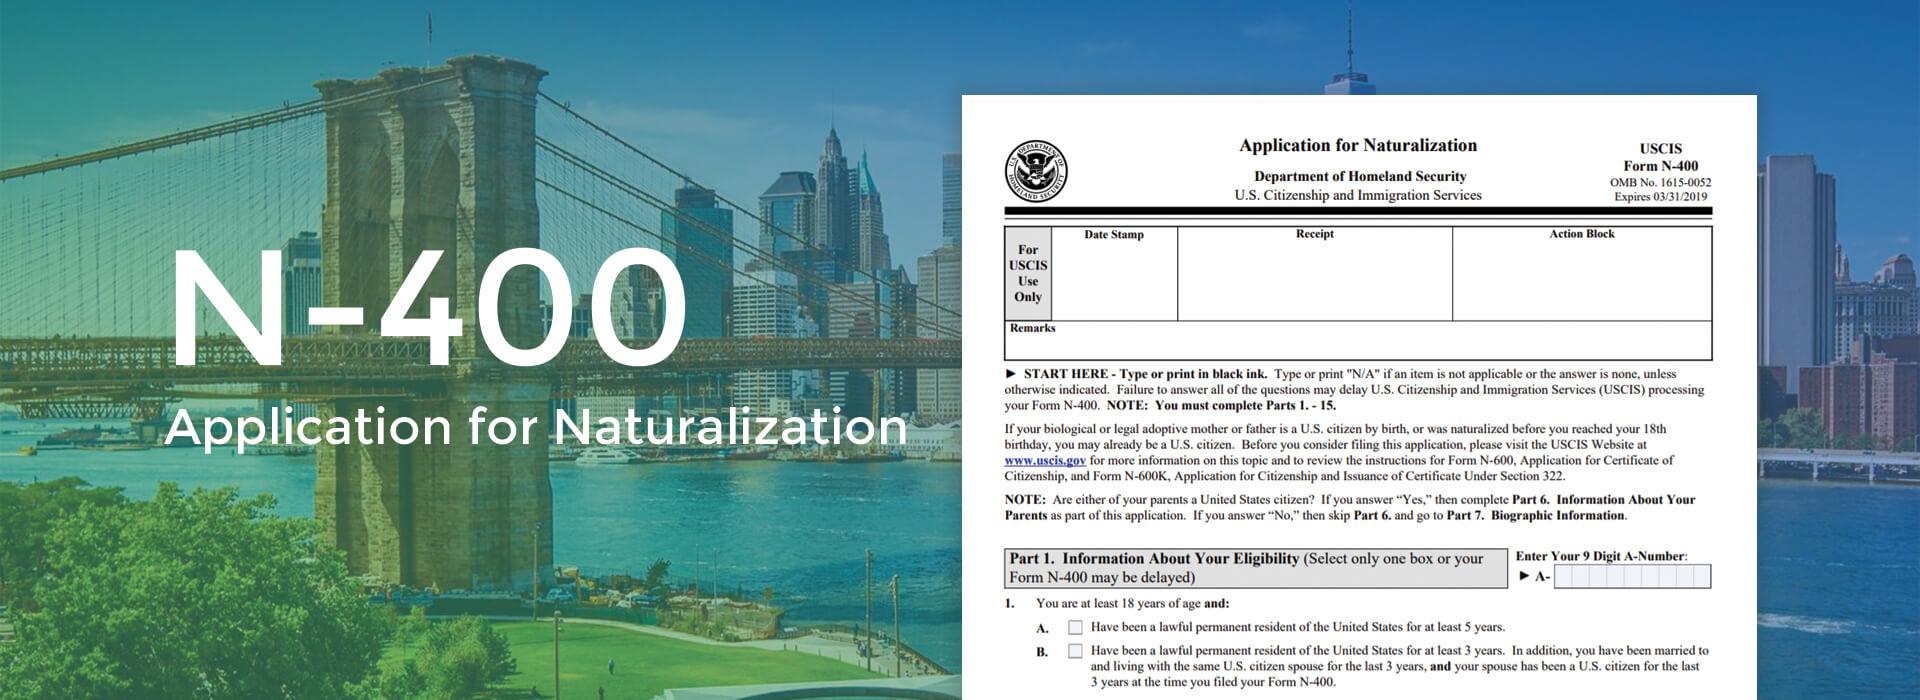 N-400 form online